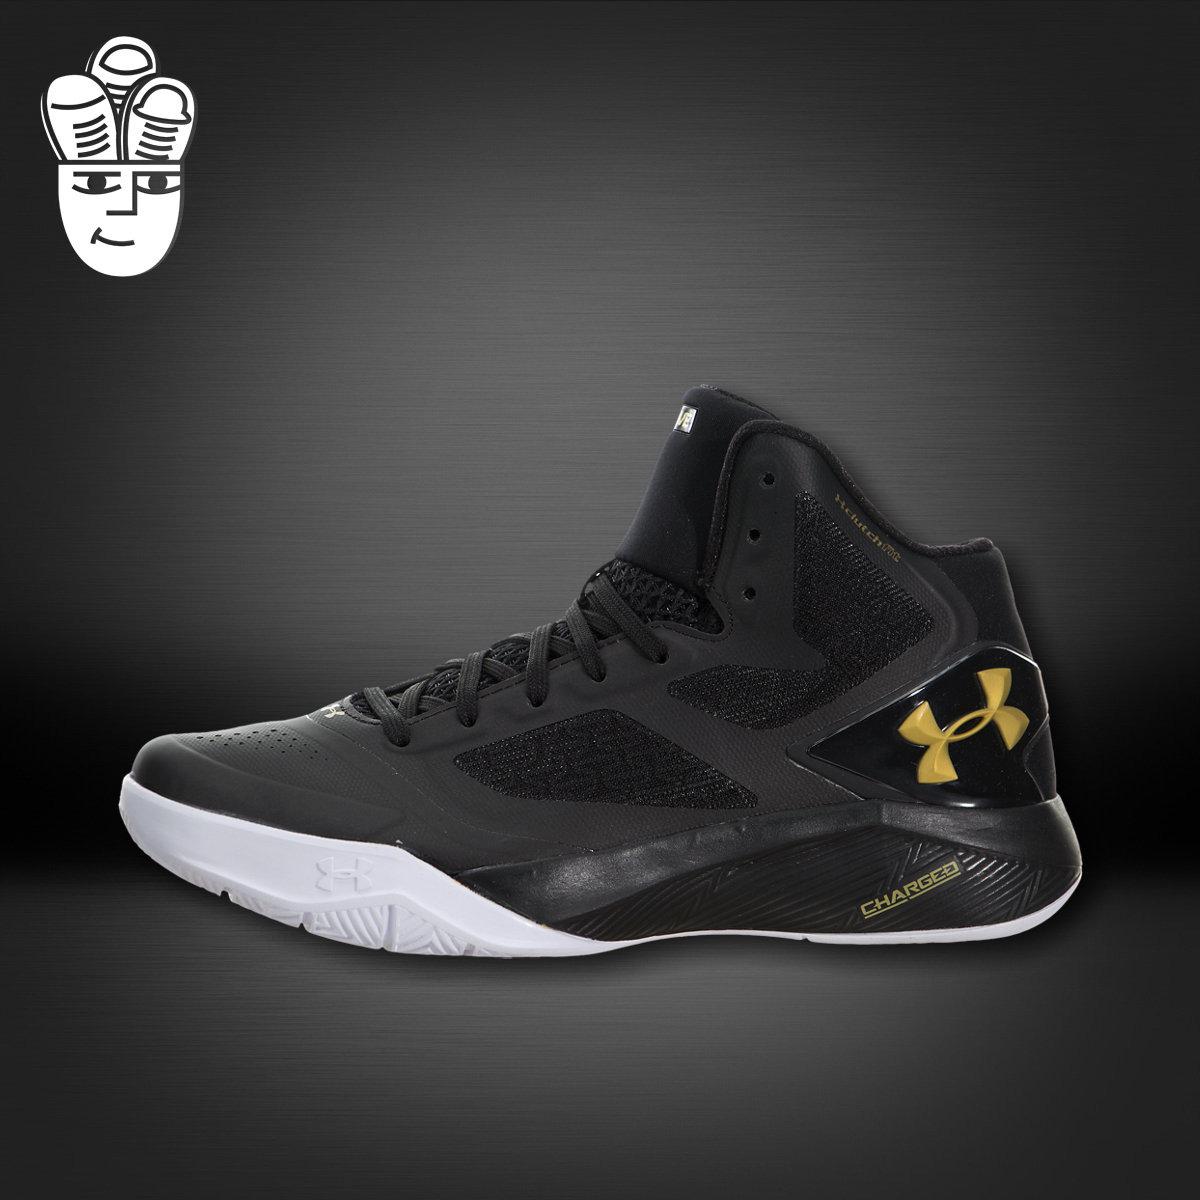 b302242a0d Get Quotations · Dema ua under armour clutchfit drive 2 gs men s shoes  professional basketball shoes